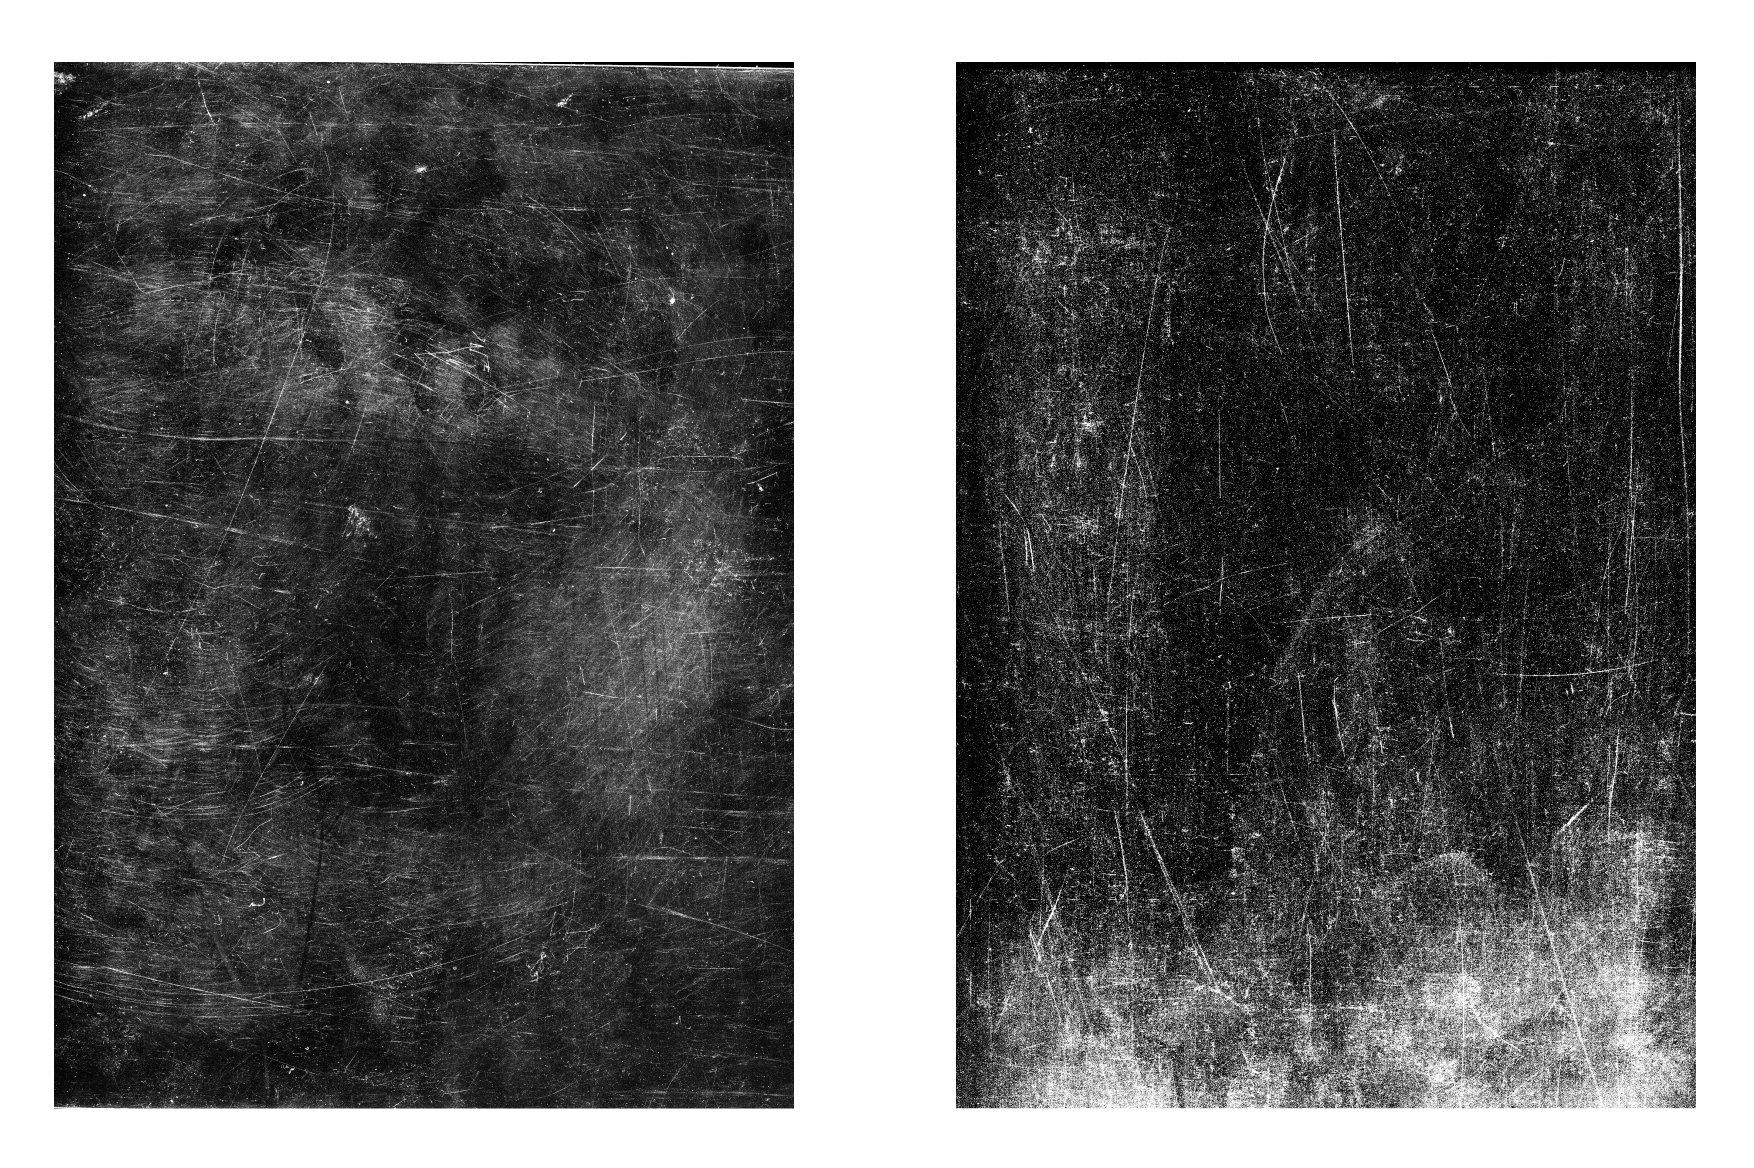 156款复古做旧折痕磨损褶皱纸张背景纹理素材合集 The Grunge Texture Bundle Vol. 1插图(62)